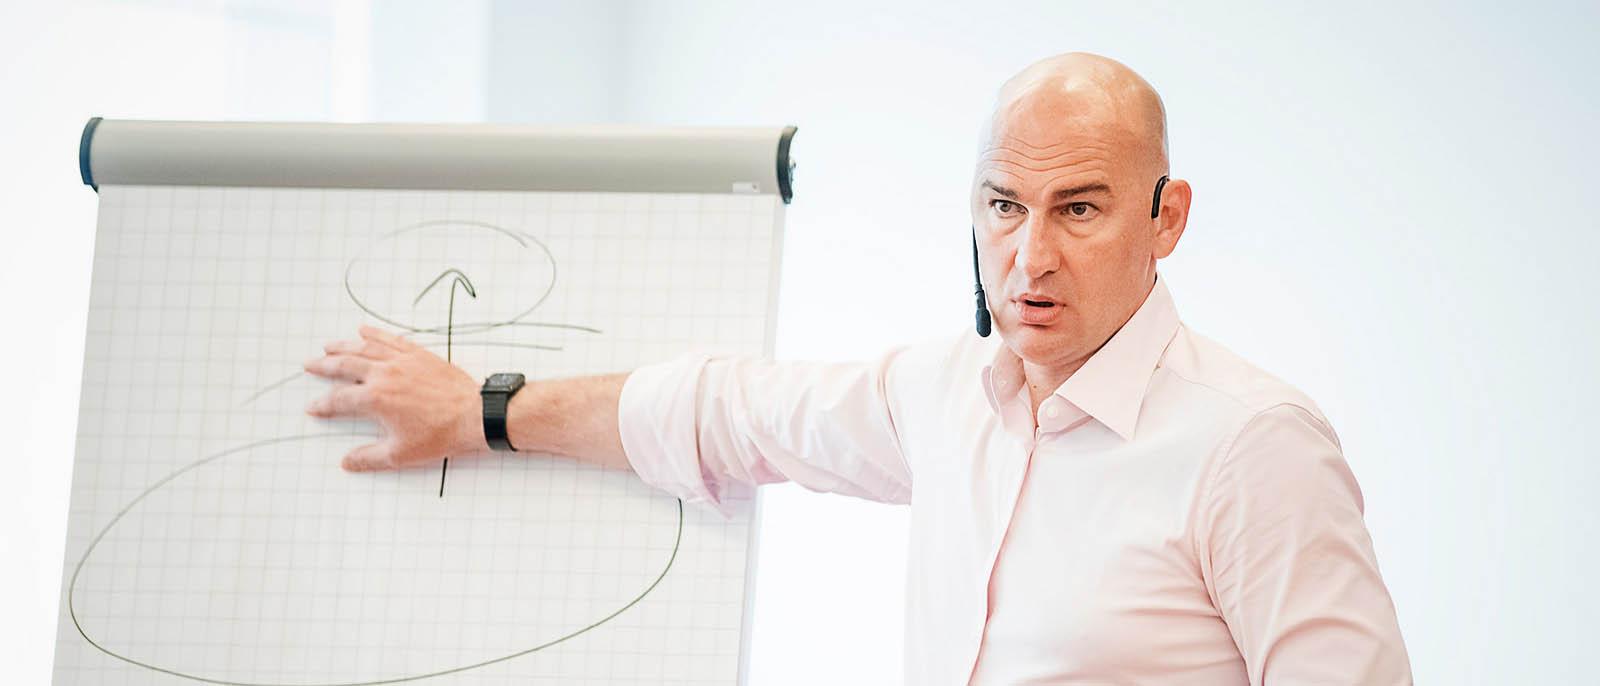 бизнес-тренер кто это